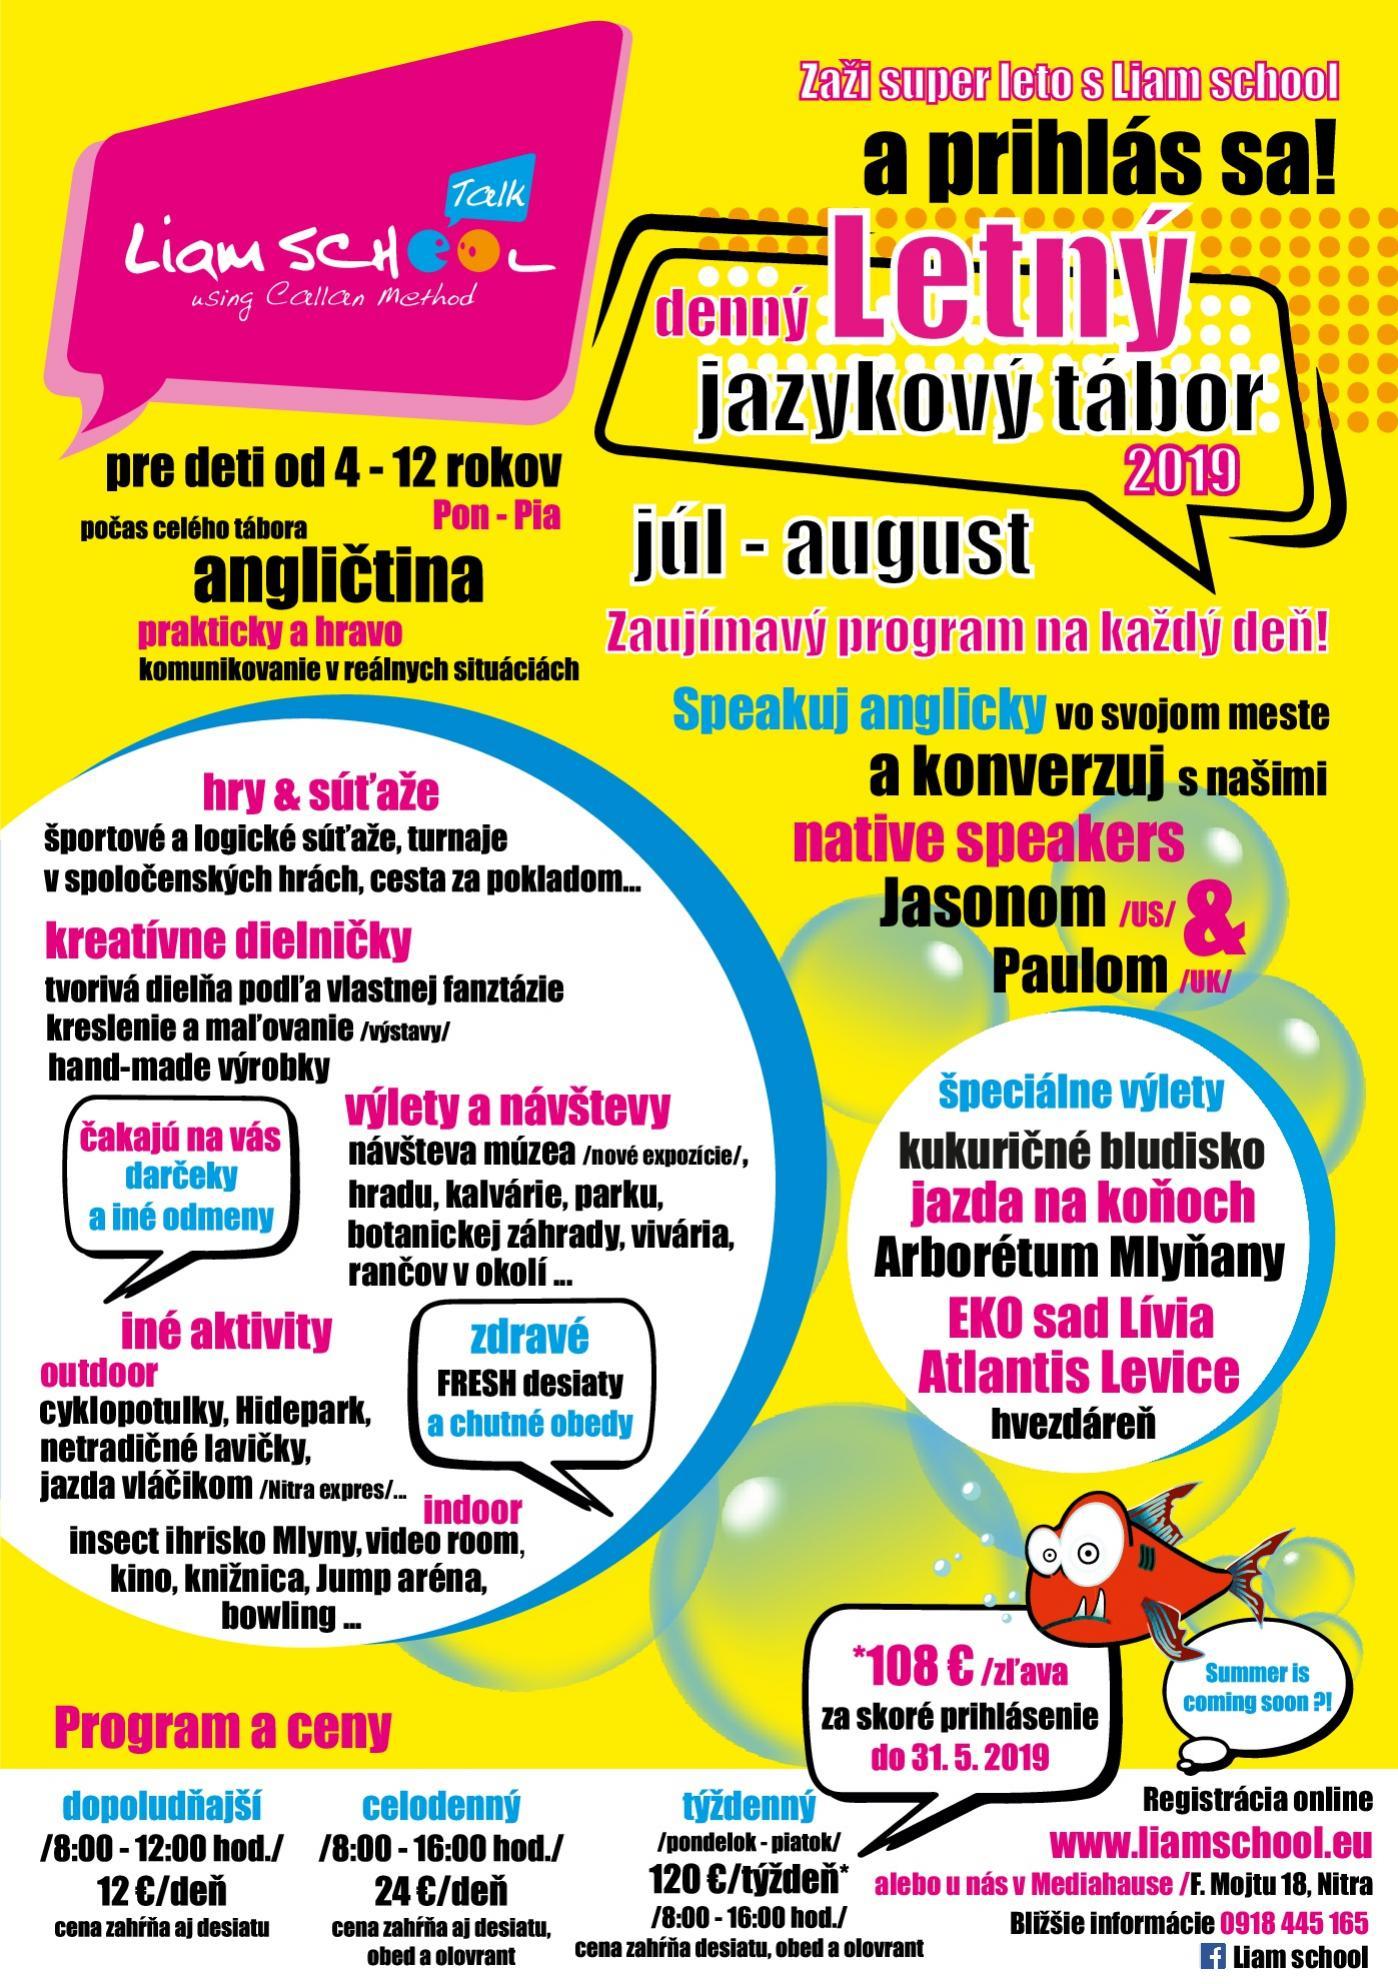 Jazyková škola Liam School Nitra anglický jazyk výučba jazyka pre firmy Callanová metóda Letný tábor pre deti